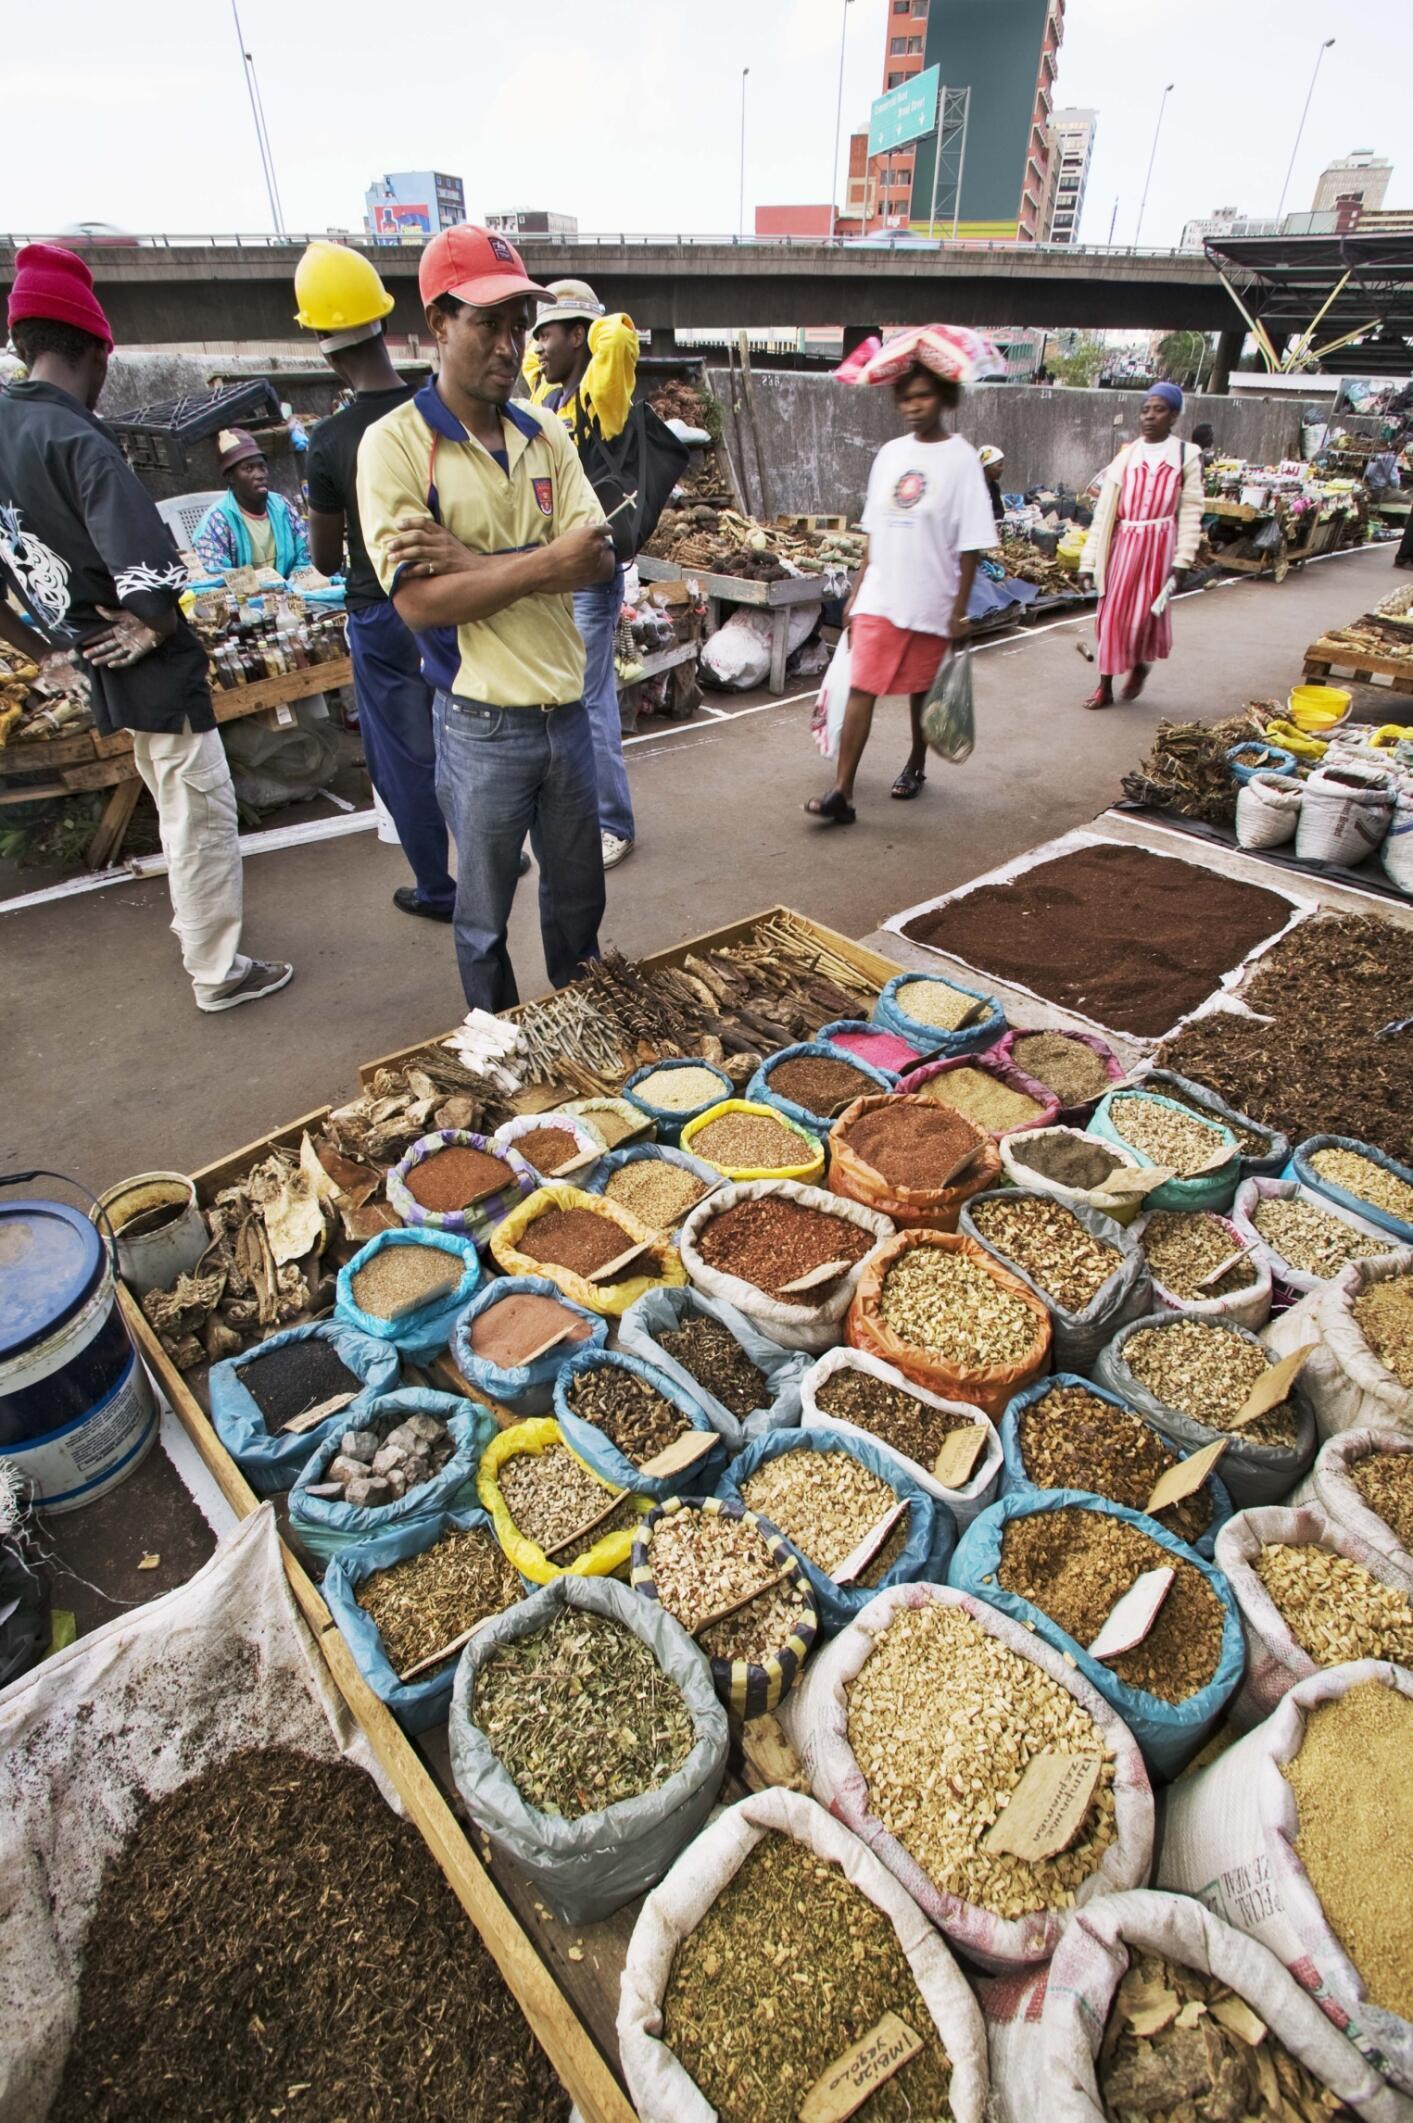 Un marché de plantes et racines médicinales en plein air, à Durban dans la province de Kwa-Zoulou Natal, en Afrique du Sud.